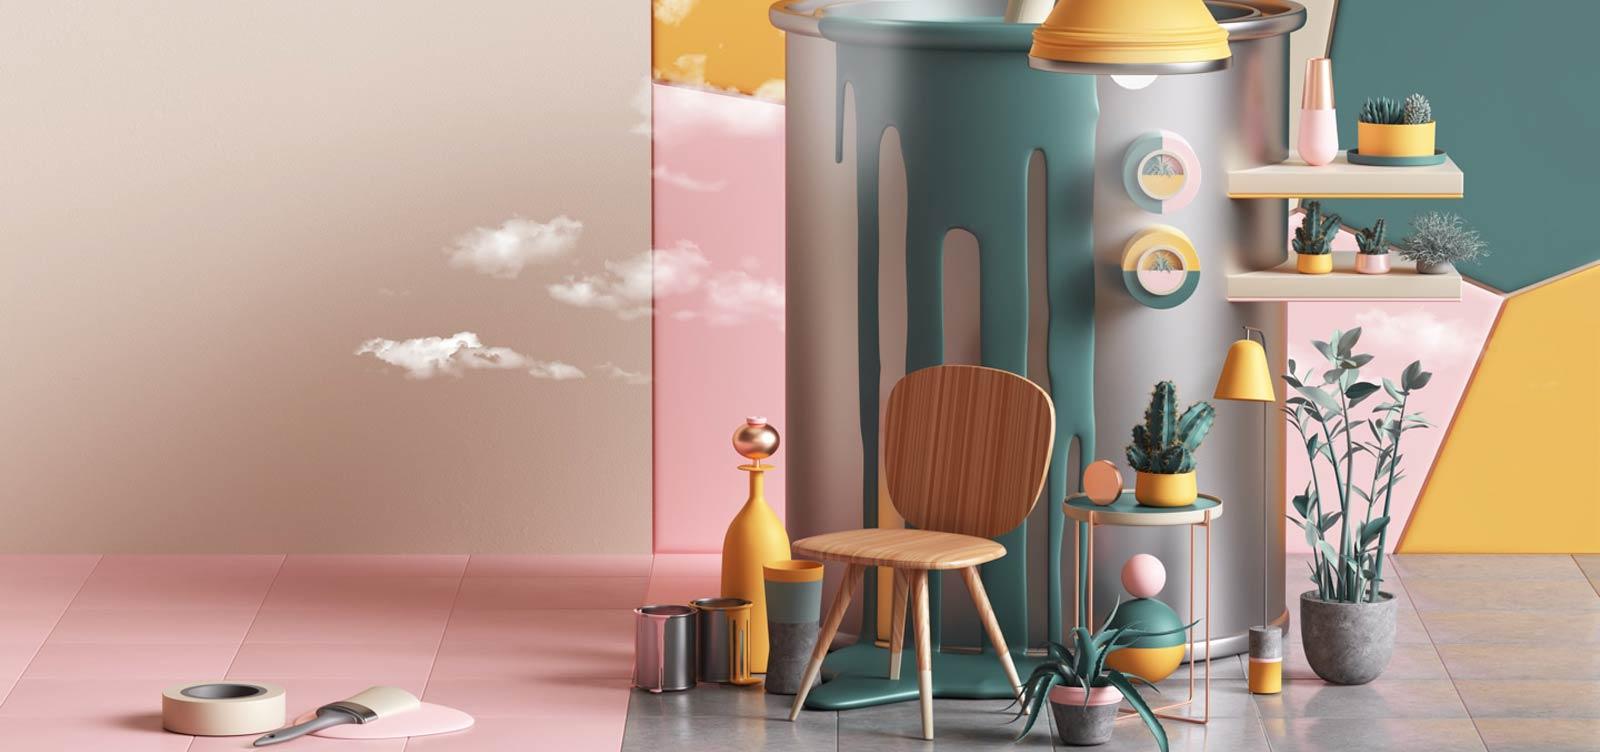 The 2019 home trends according to pinterest interior notes - Que cuadros poner en el salon ...